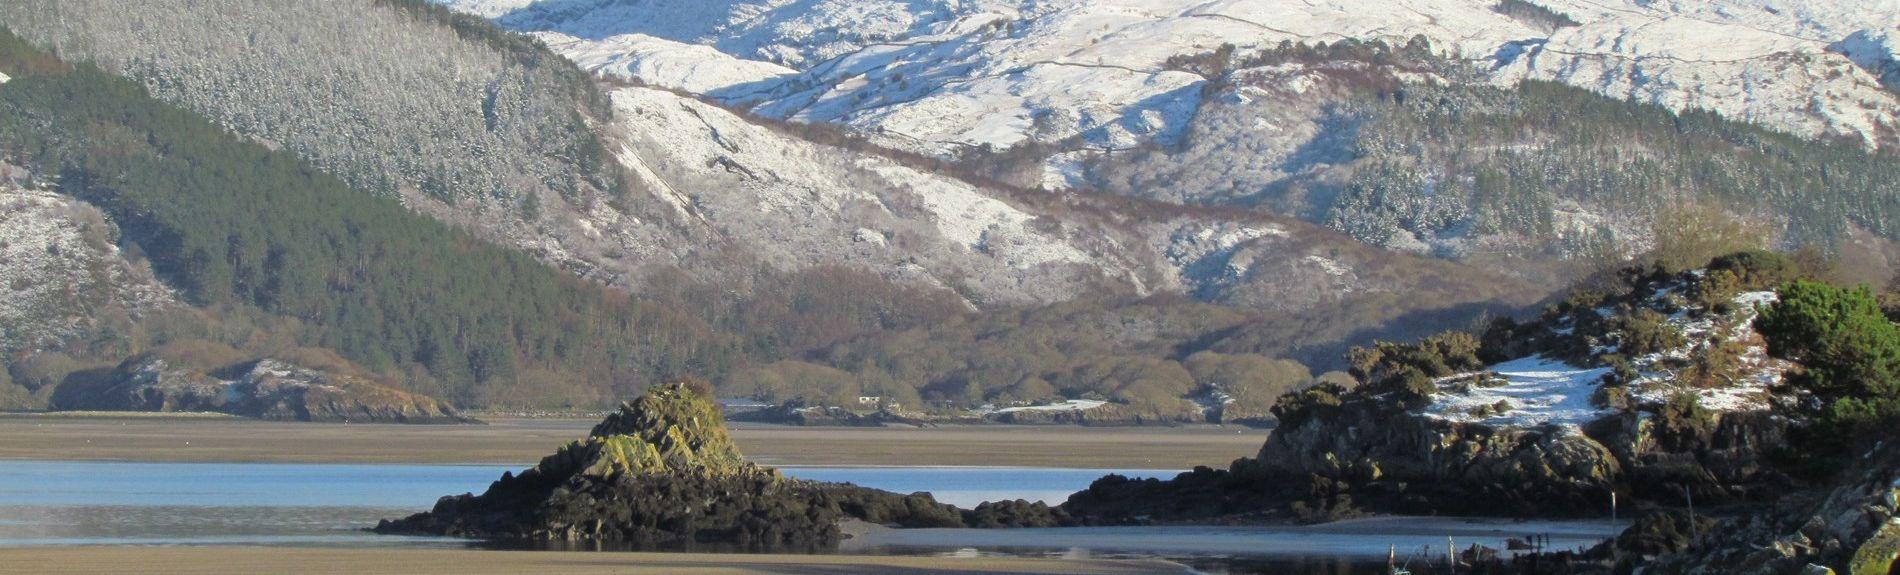 Brithdir and Llanfachreth, Pays de Galles, Royaume-Uni